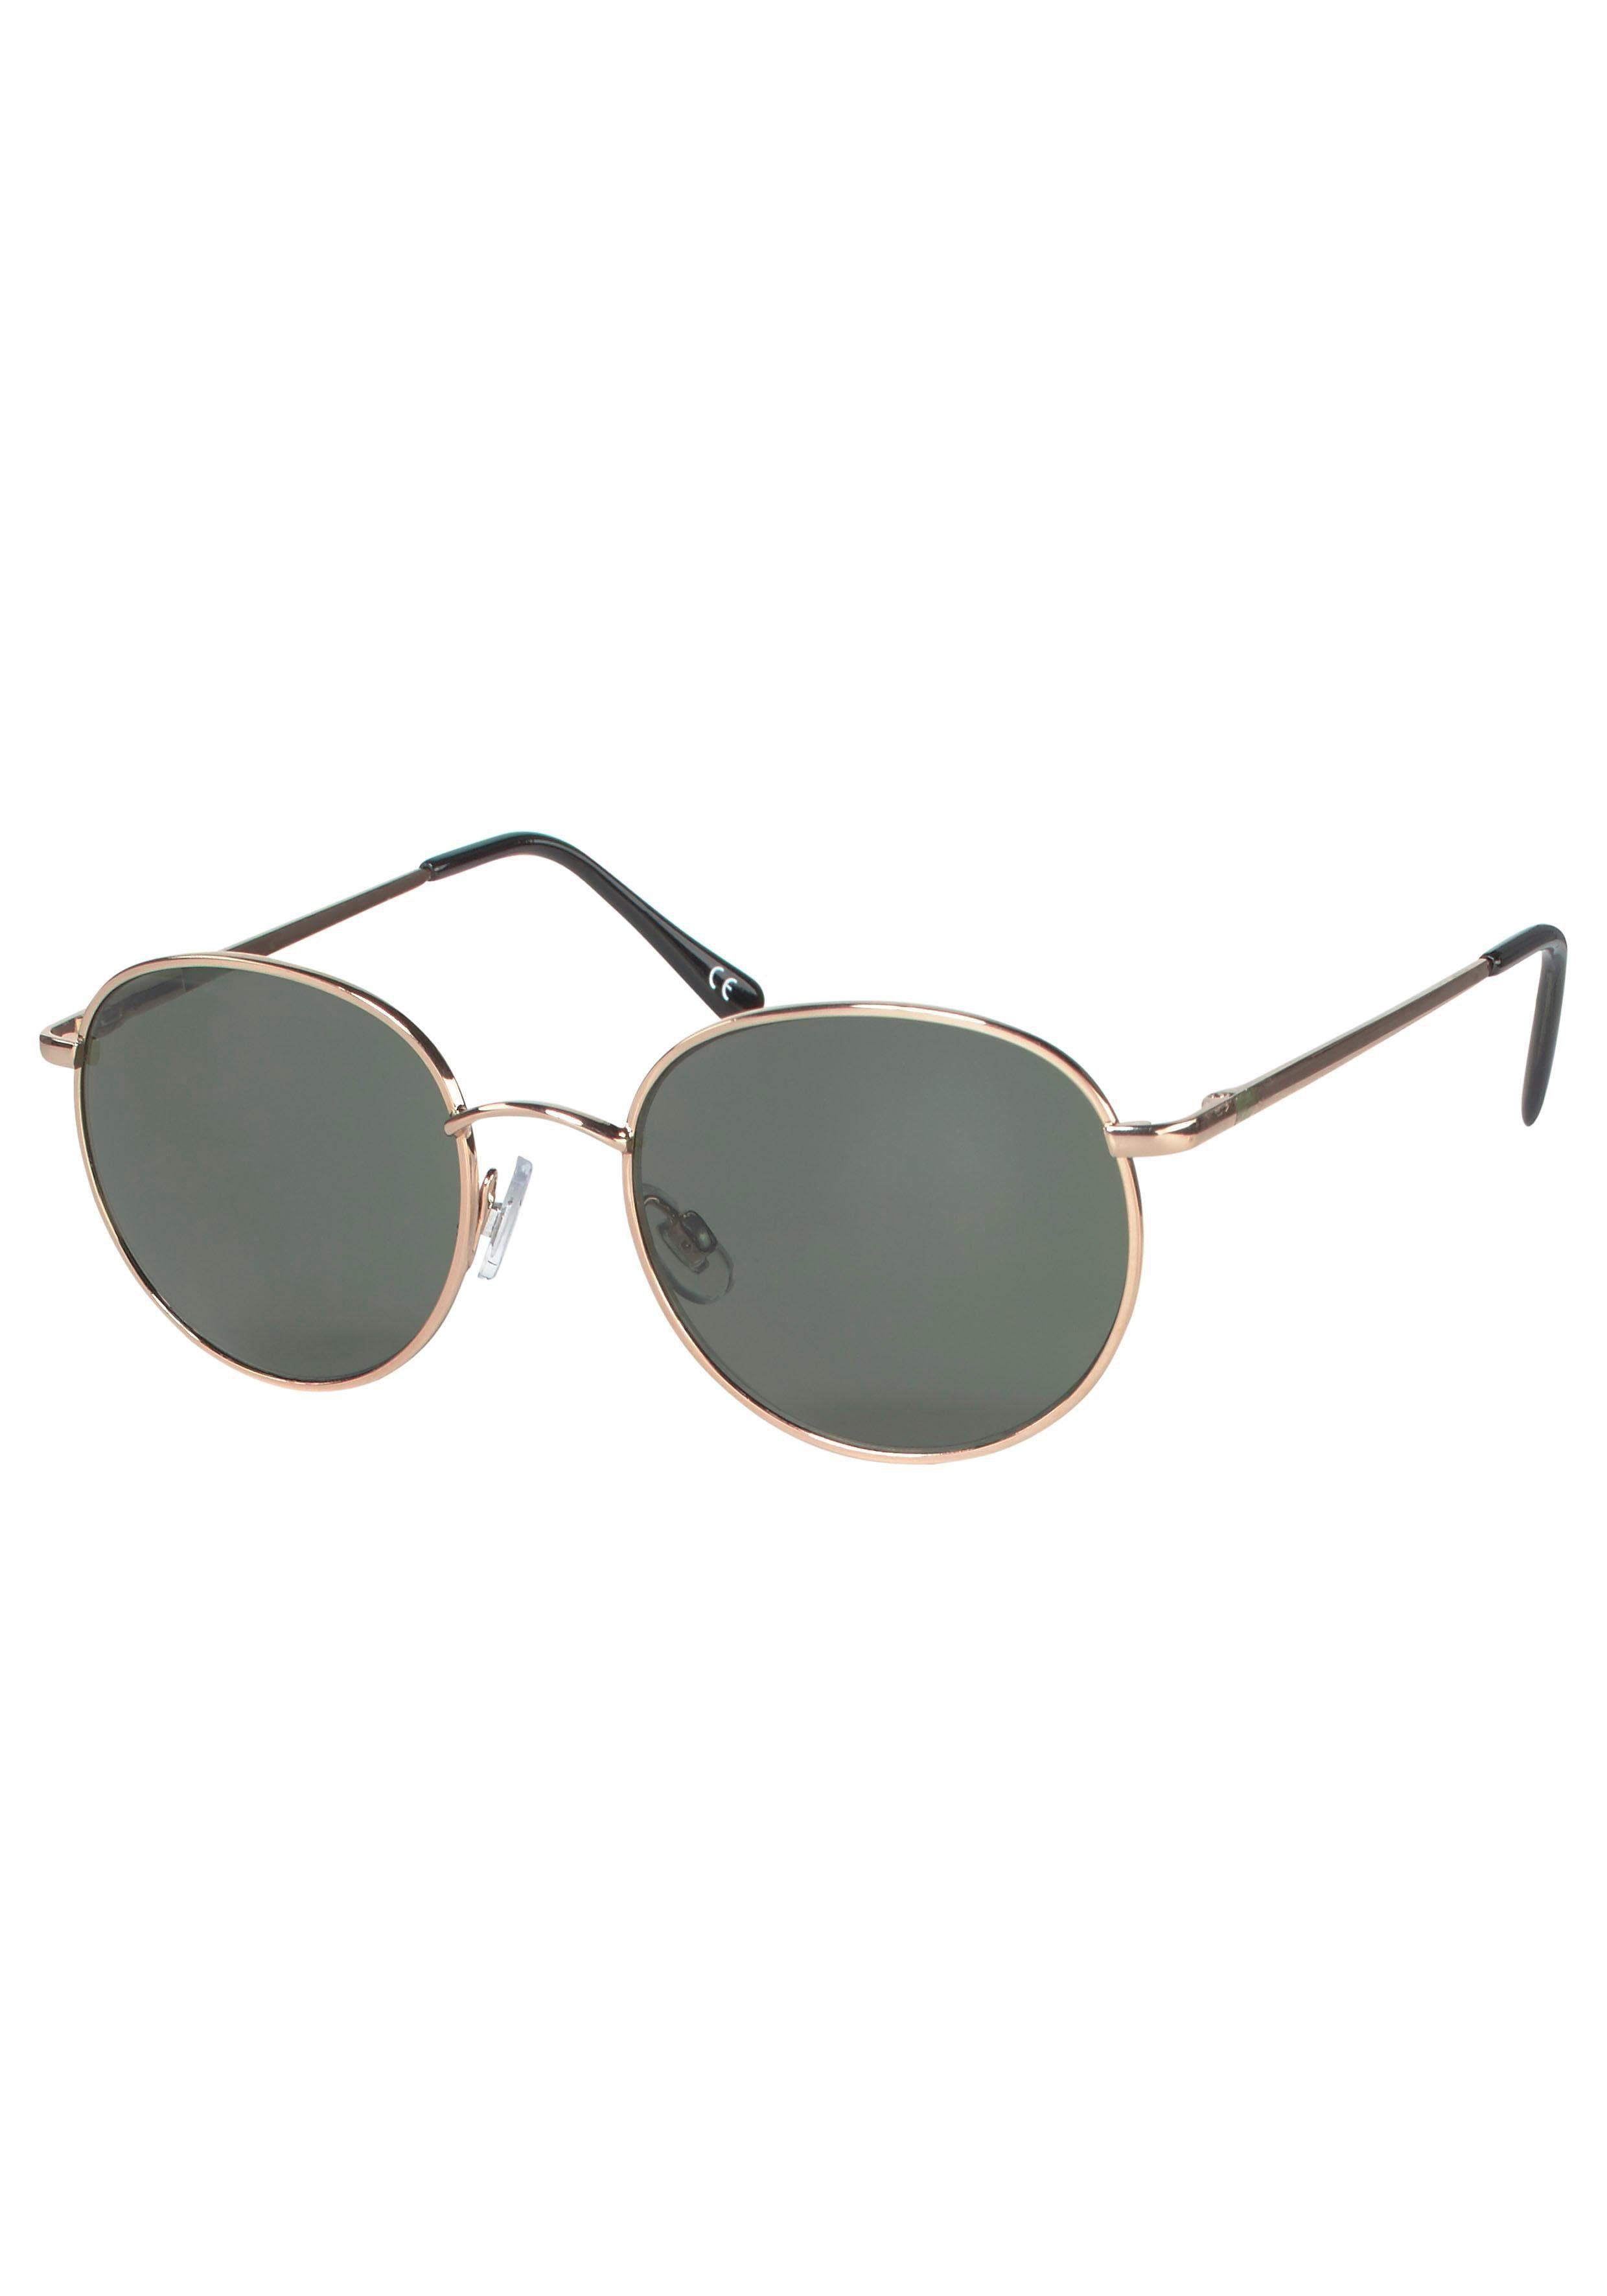 YOUNG SPIRIT LONDON Eyewear Sonnenbrille in runder Form